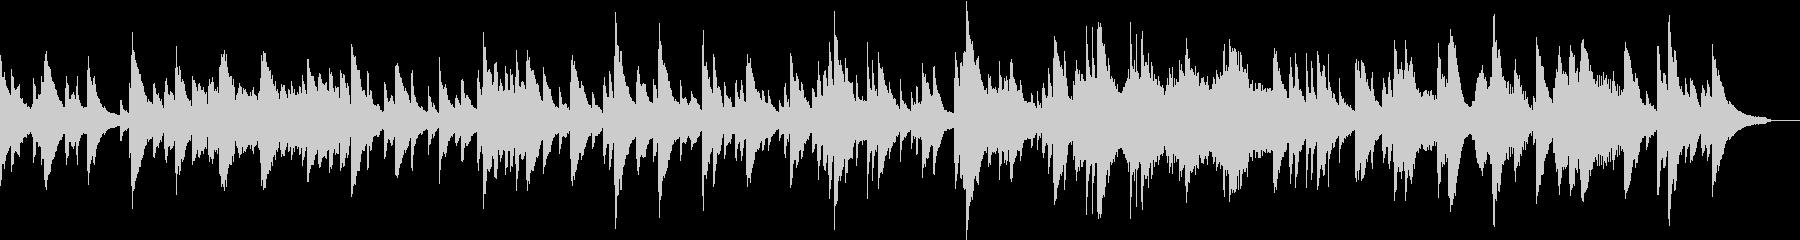 企業VPや映像/感動・透明感ピアノBGMの未再生の波形